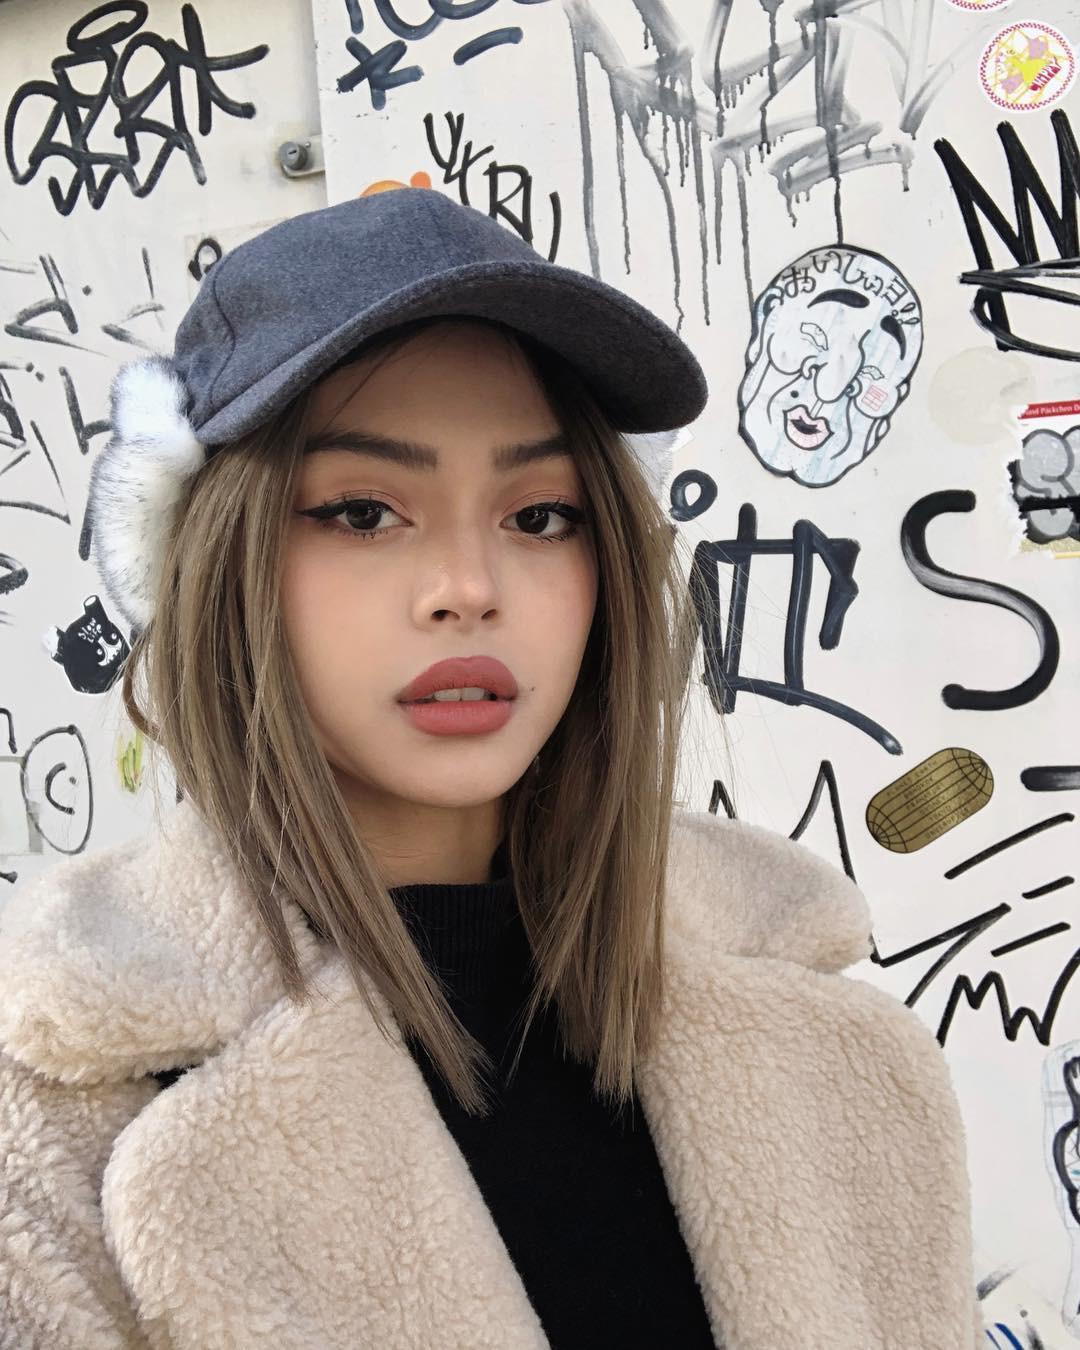 Hot girl châu Á đổi tóc dịp năm mới: người cắt mái xinh ngất, người xén cả chục centimet tóc, người giữ khư khư tóc dài - Ảnh 6.